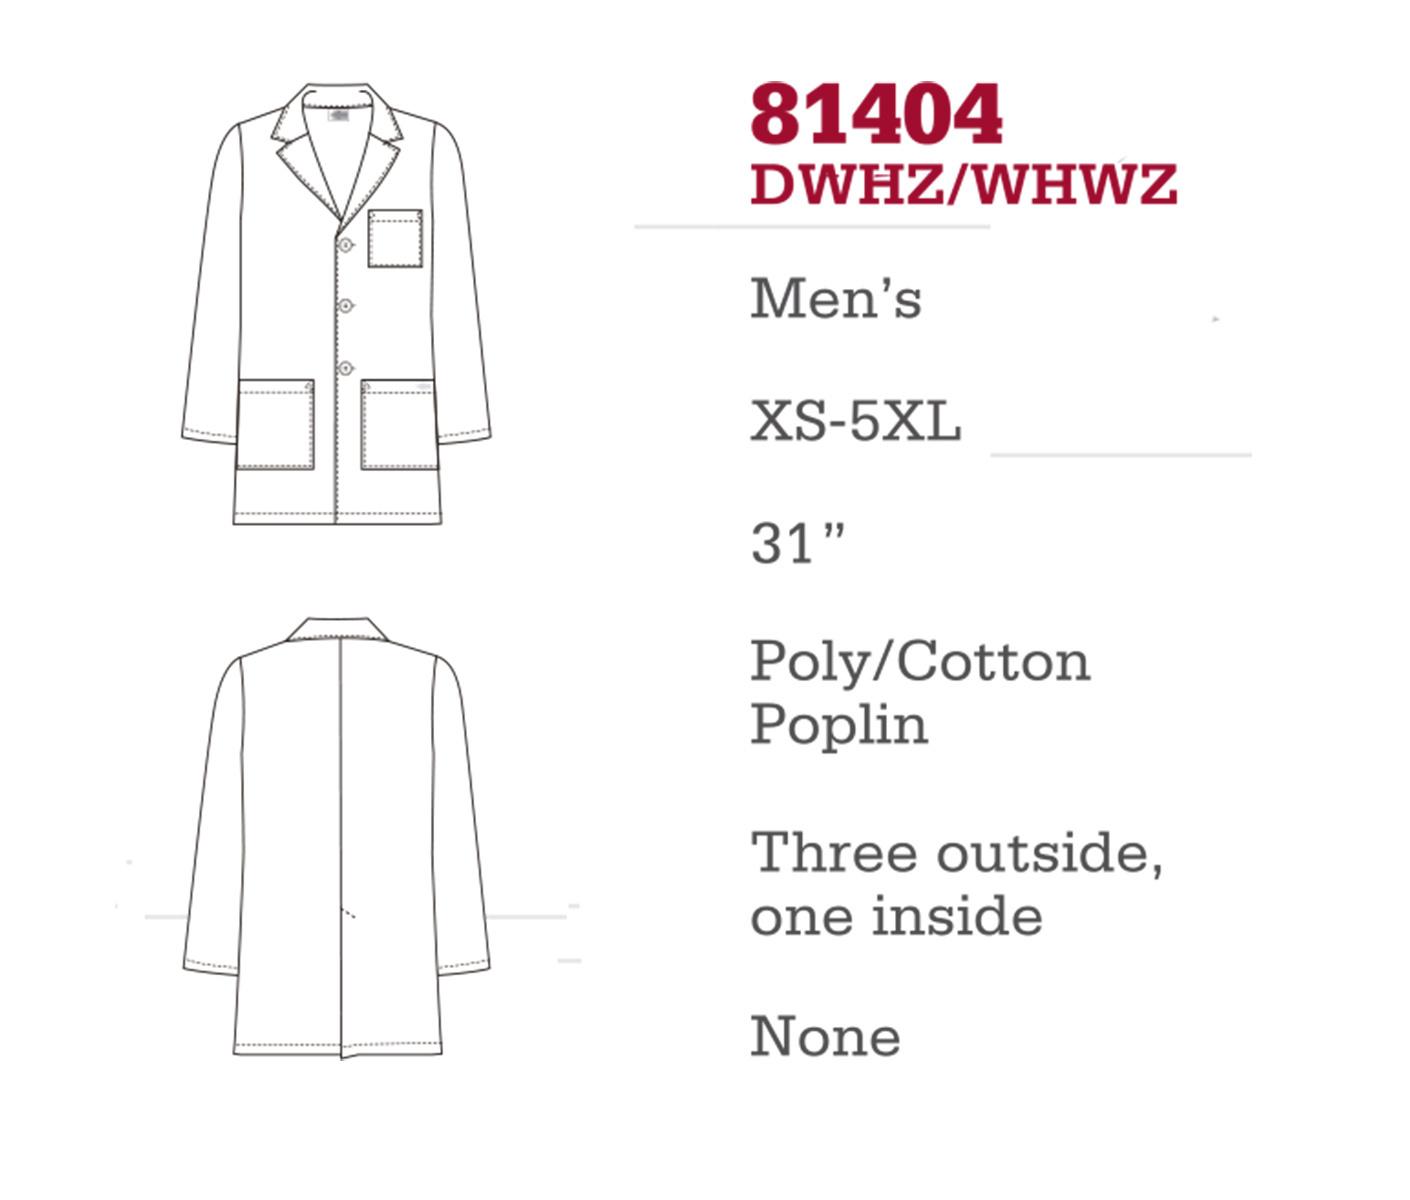 Bata 81404. DWHZ/WHWZ